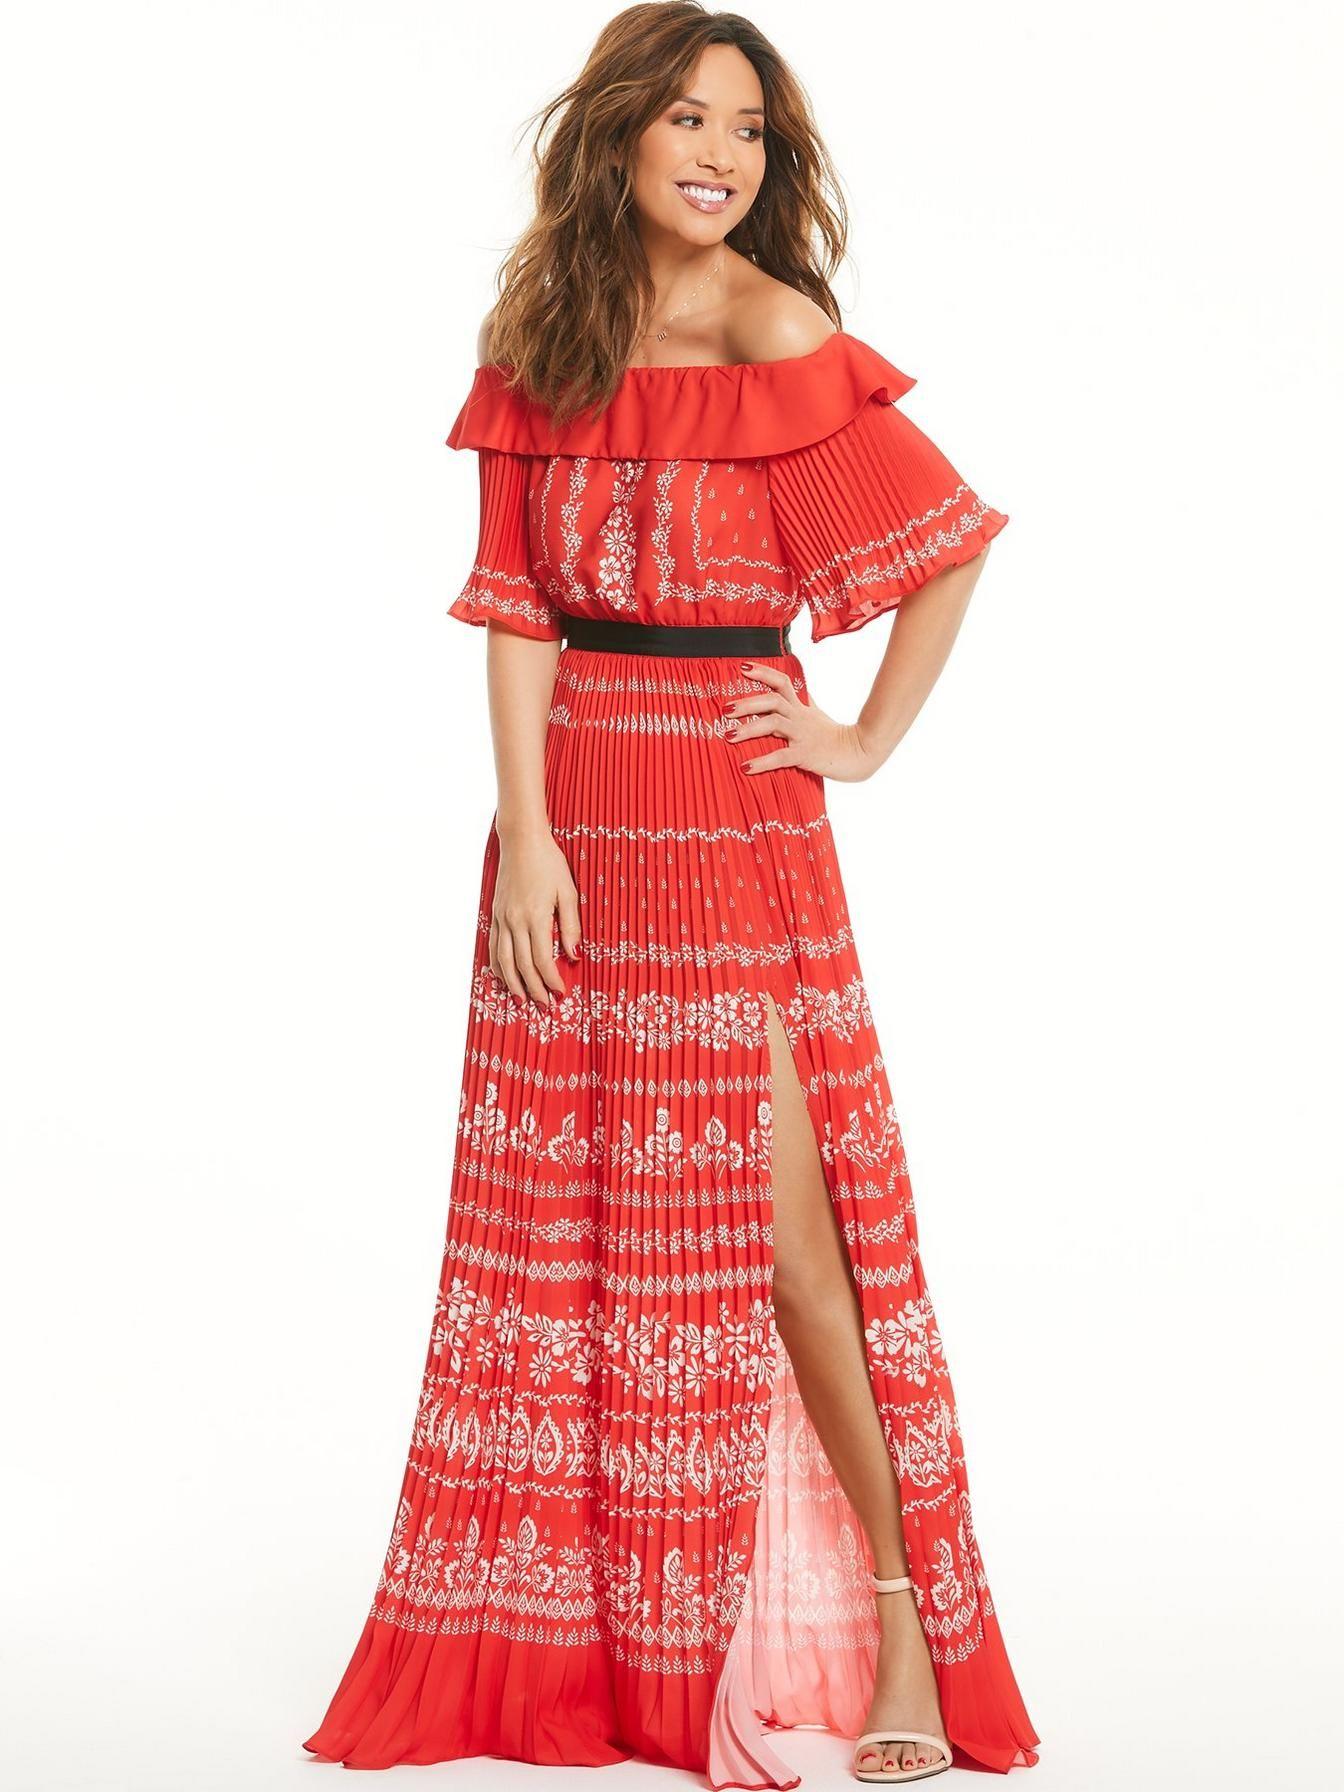 Littlewoods dresses for weddings  Boho babe Myleene Klass teases at her honed pins in bardot maxi